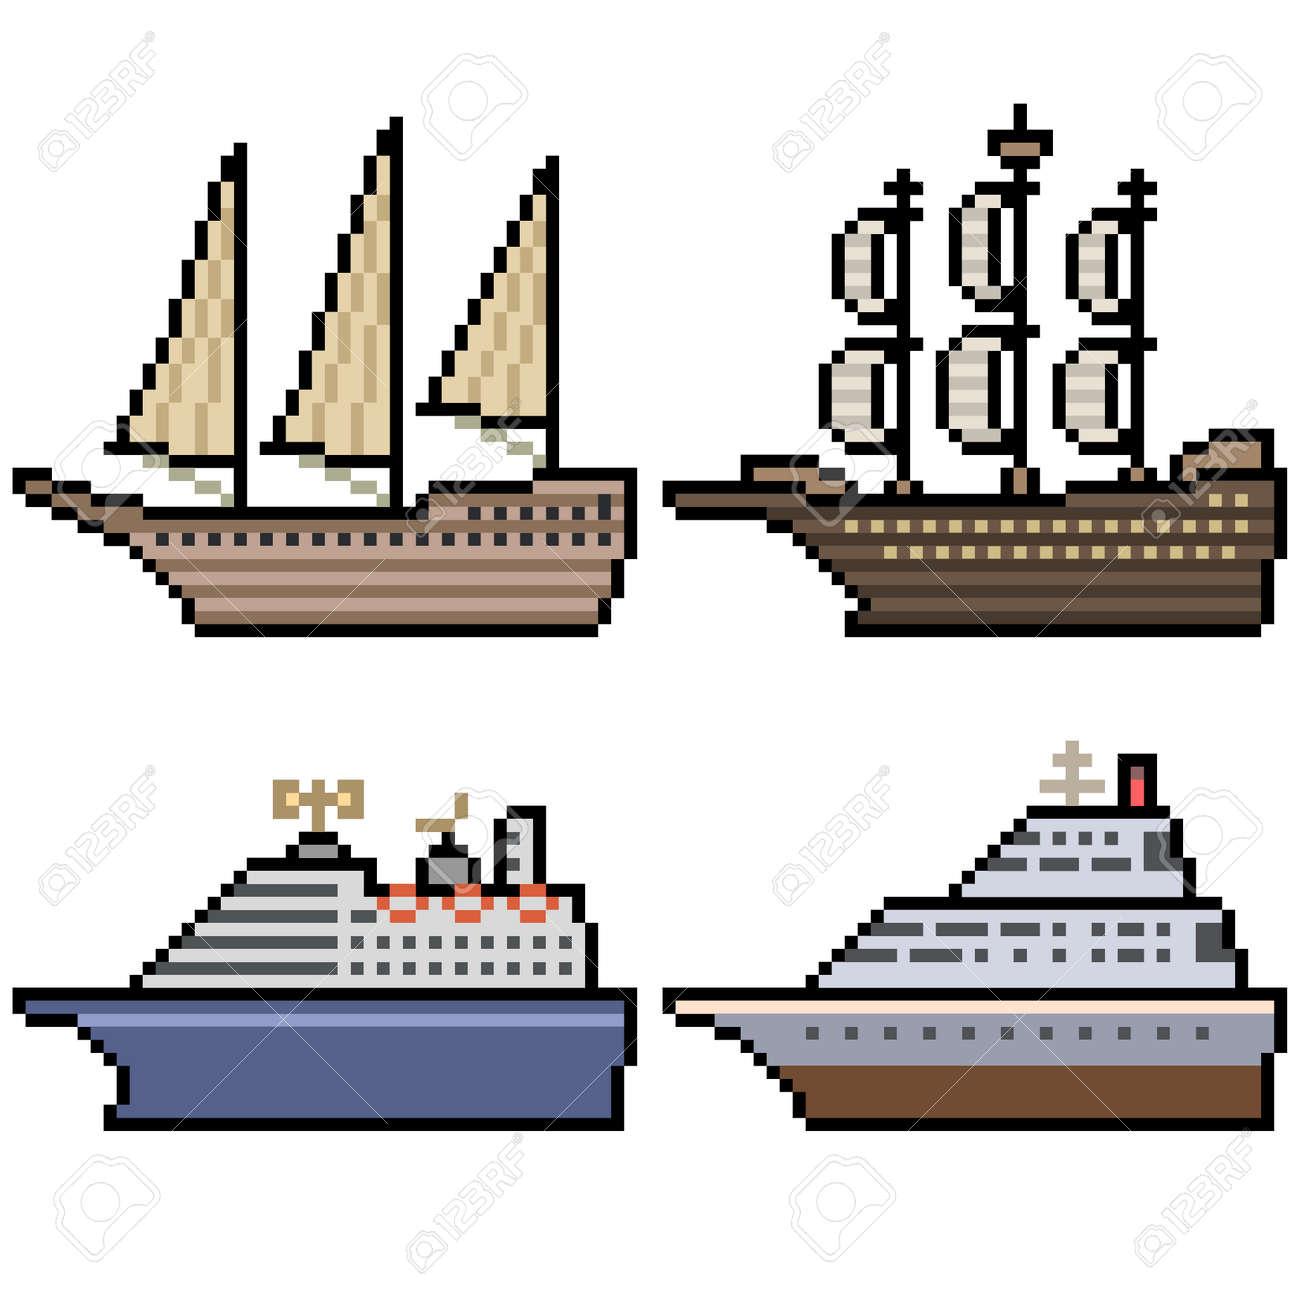 pixel art of big cruise ship - 169439823